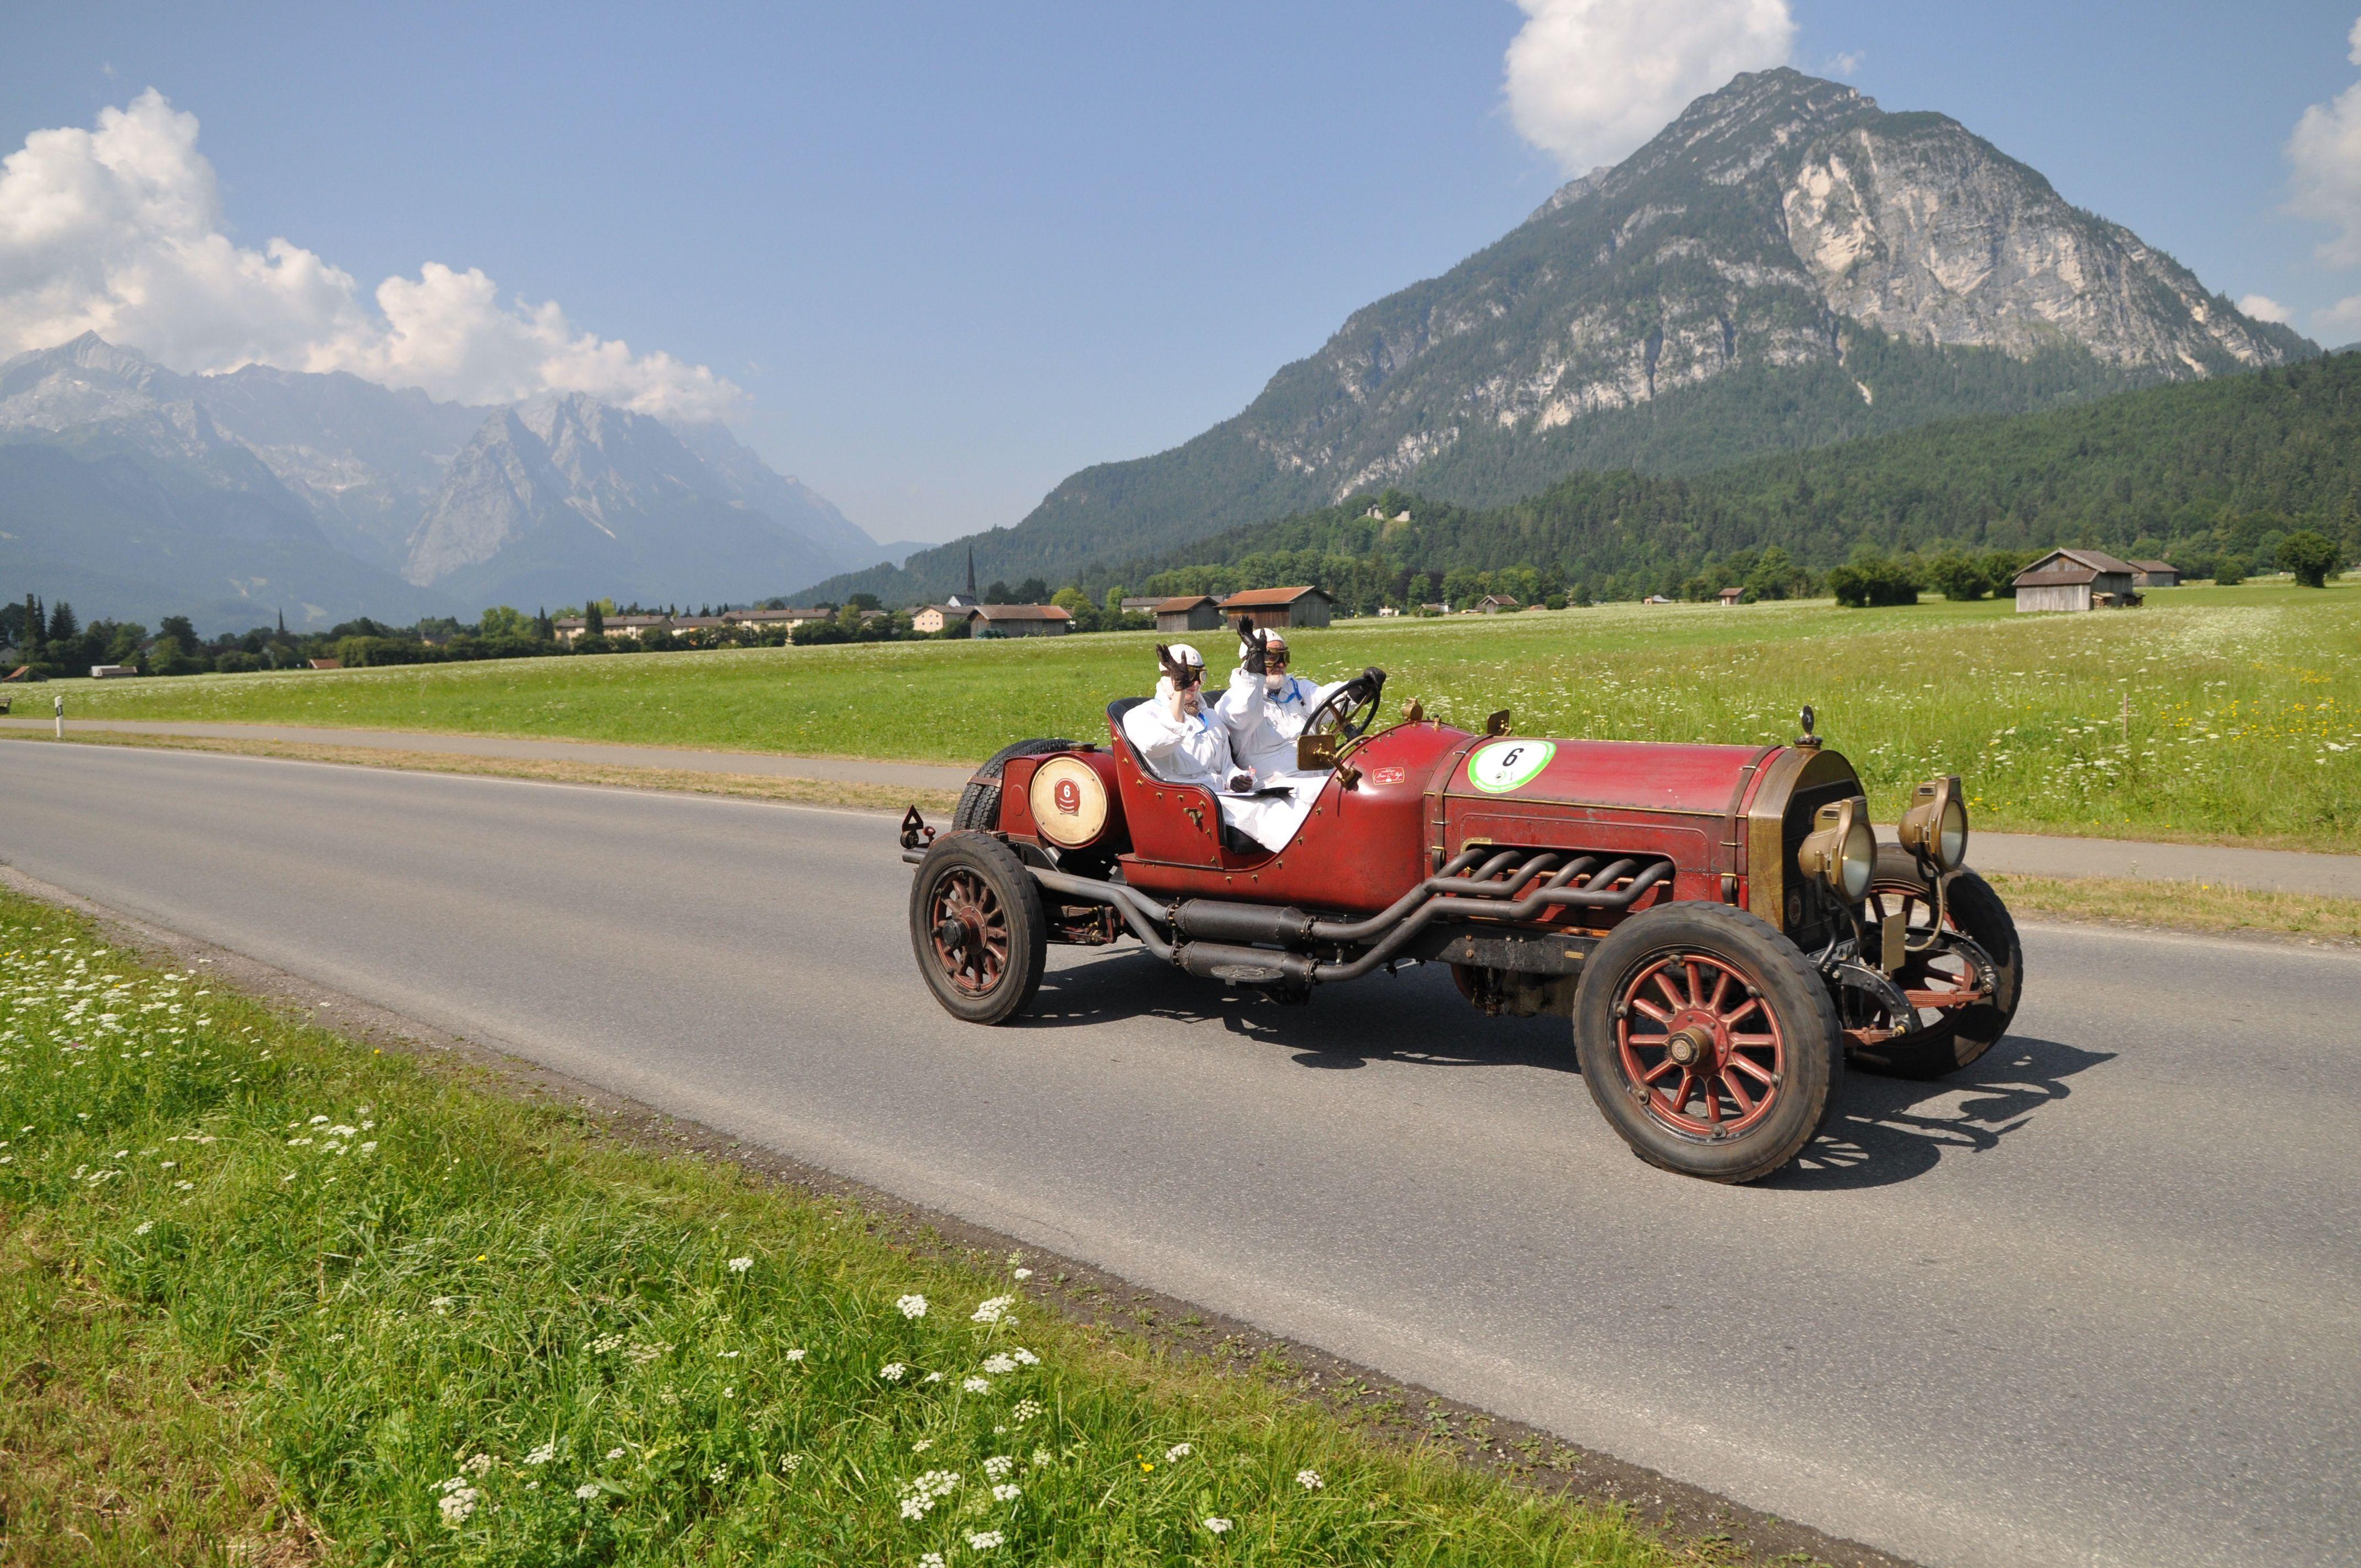 Unschlagbar die Kulisse mit der Zugspitze im Hintergrund für Oldtimerausfahrten und -treffen am schönen Badersee!